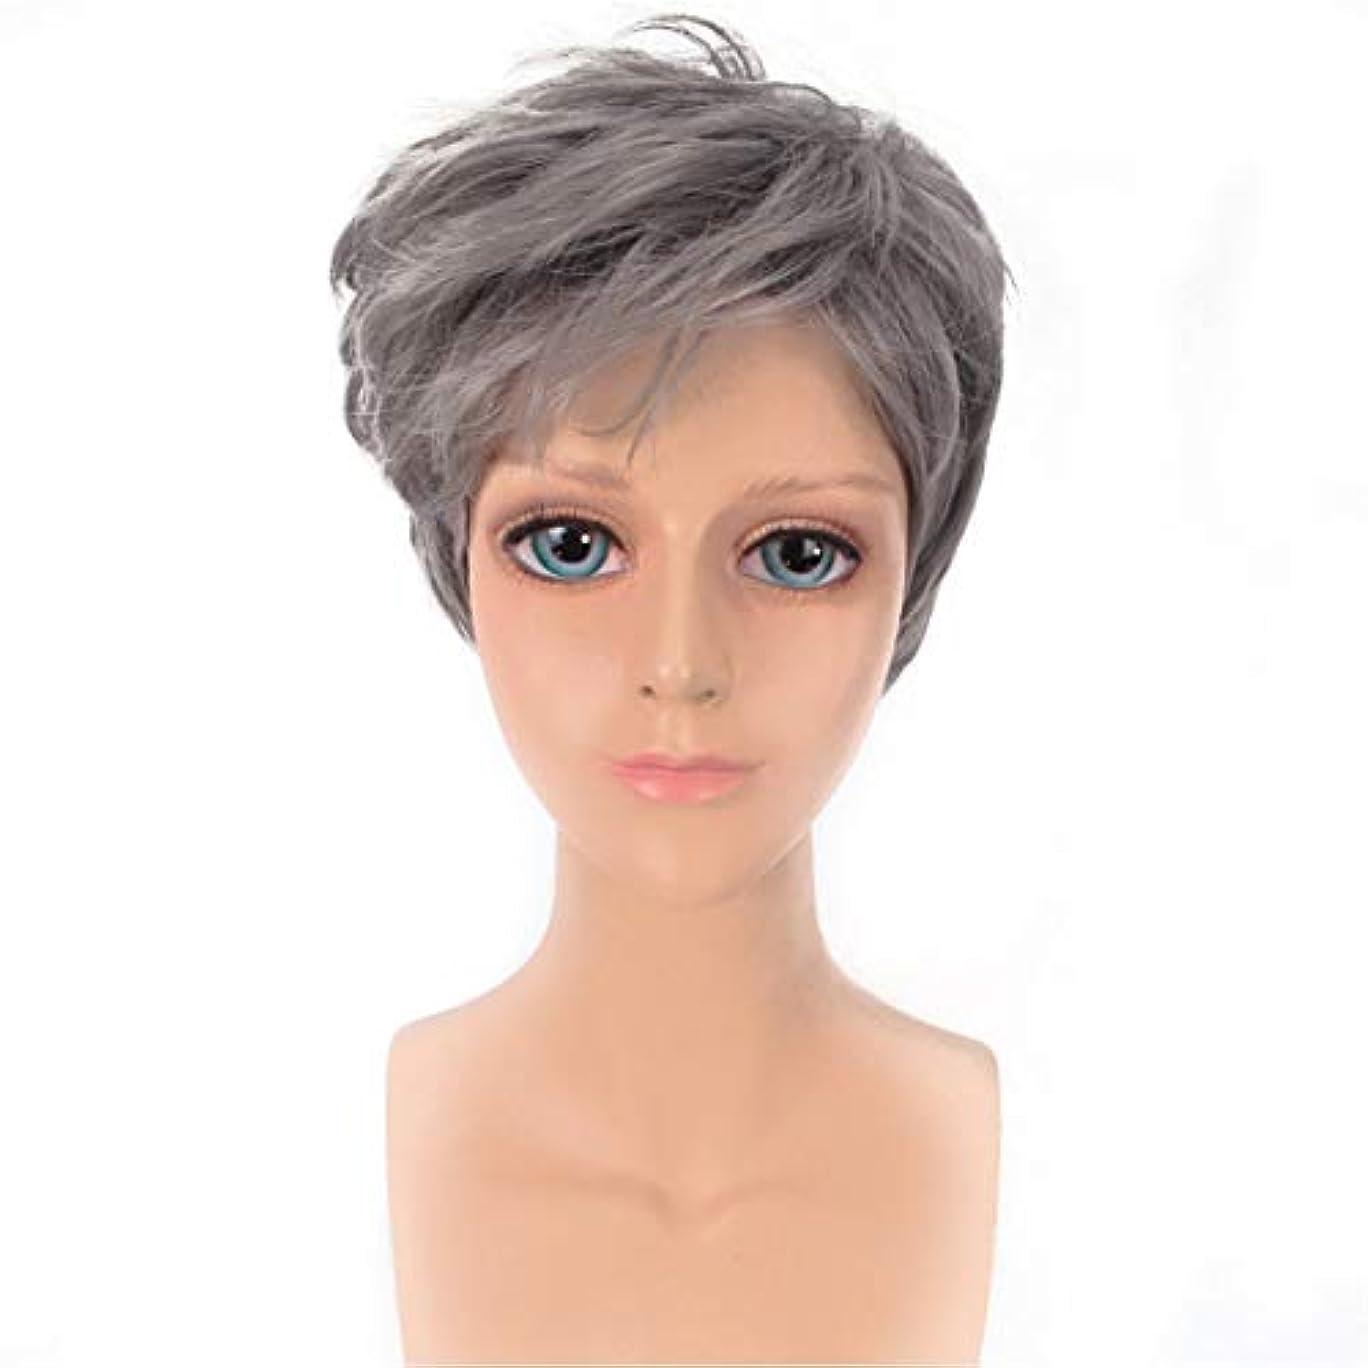 することになっているハチリフトYOUQIU メンズかつらハンサムなグレー斜め前髪ショートストレートヘアウィッグ原宿COSウィッグウィッグ (色 : グレー)